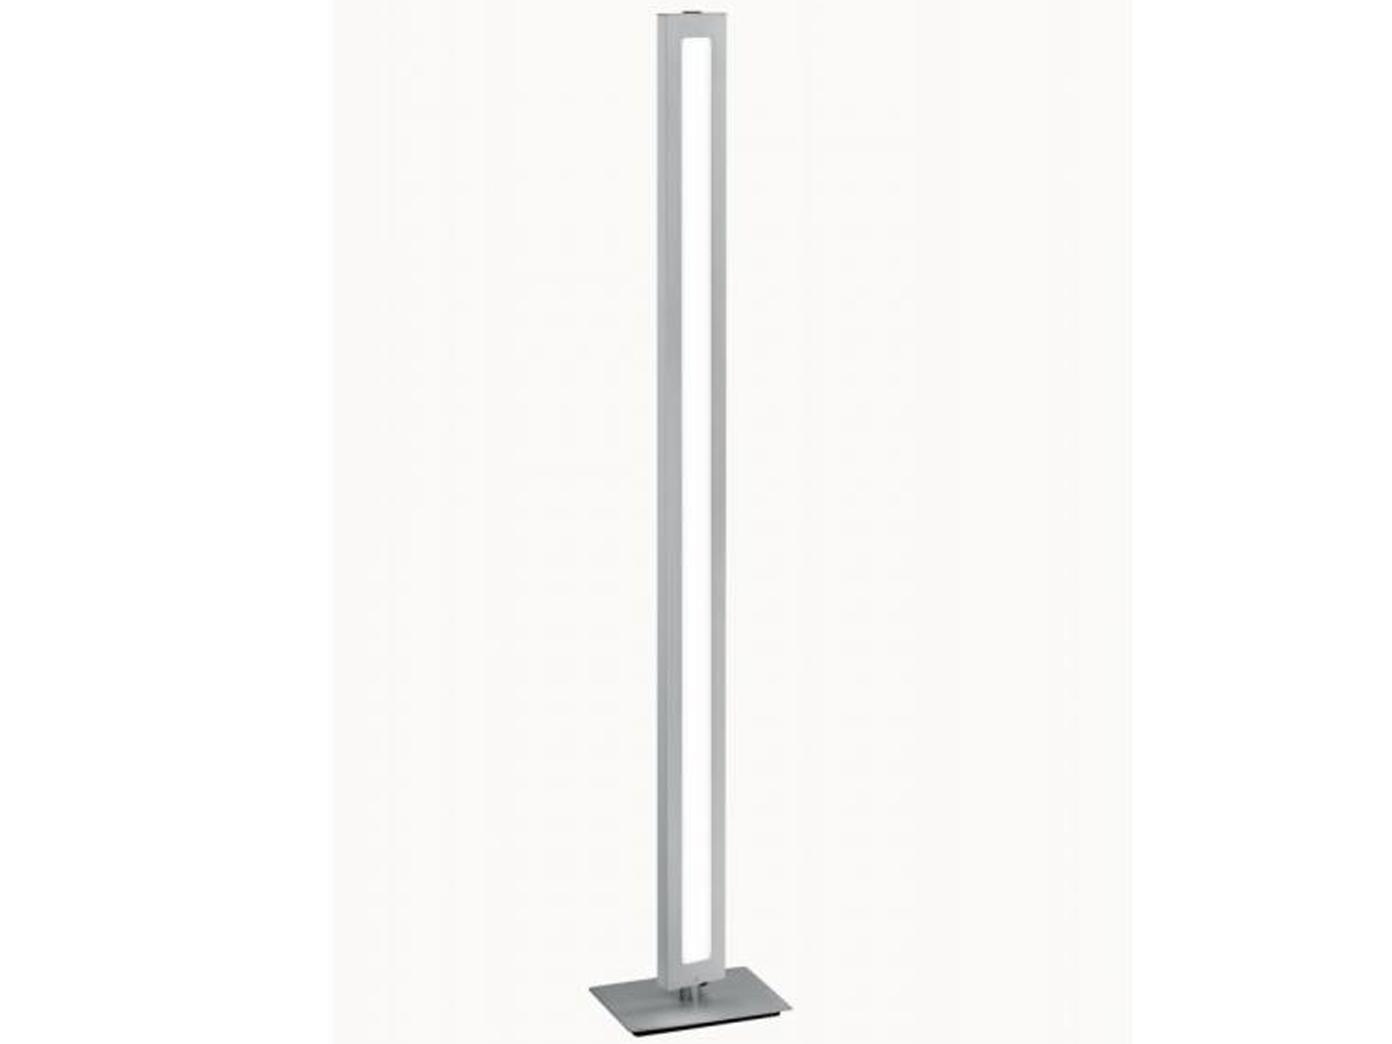 Wohnzimmerleuchte Standlampe dimmbar Trio Design LED Stehlampe SILAS mit Dimmer